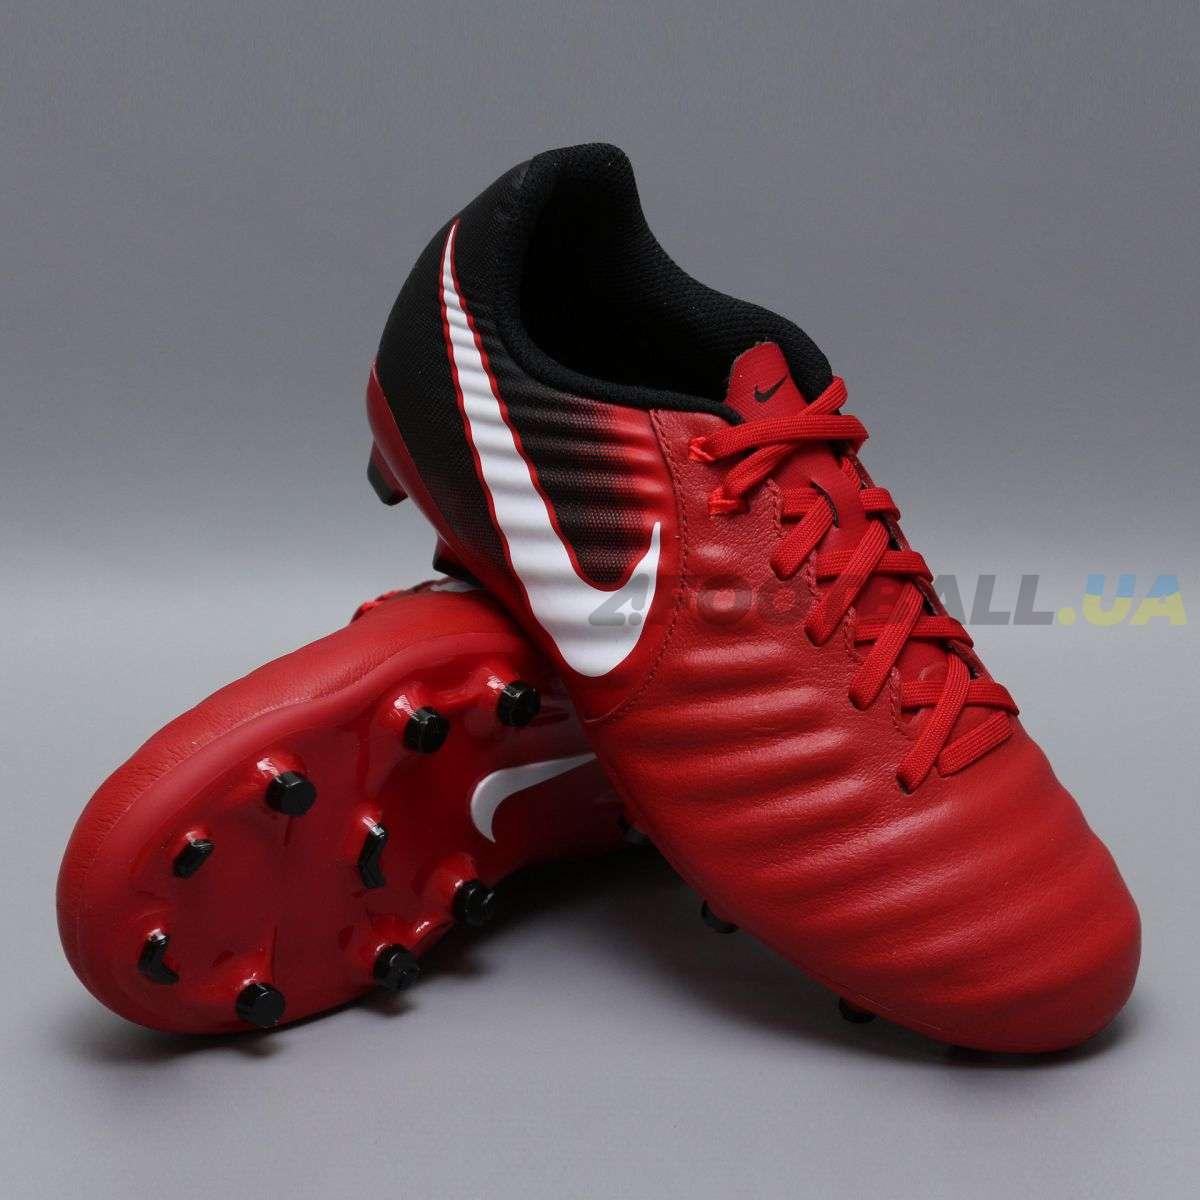 6cb2e914 Детские бутсы Nike Tiempo — купить футбольные бутсы Найк Темпо для ...